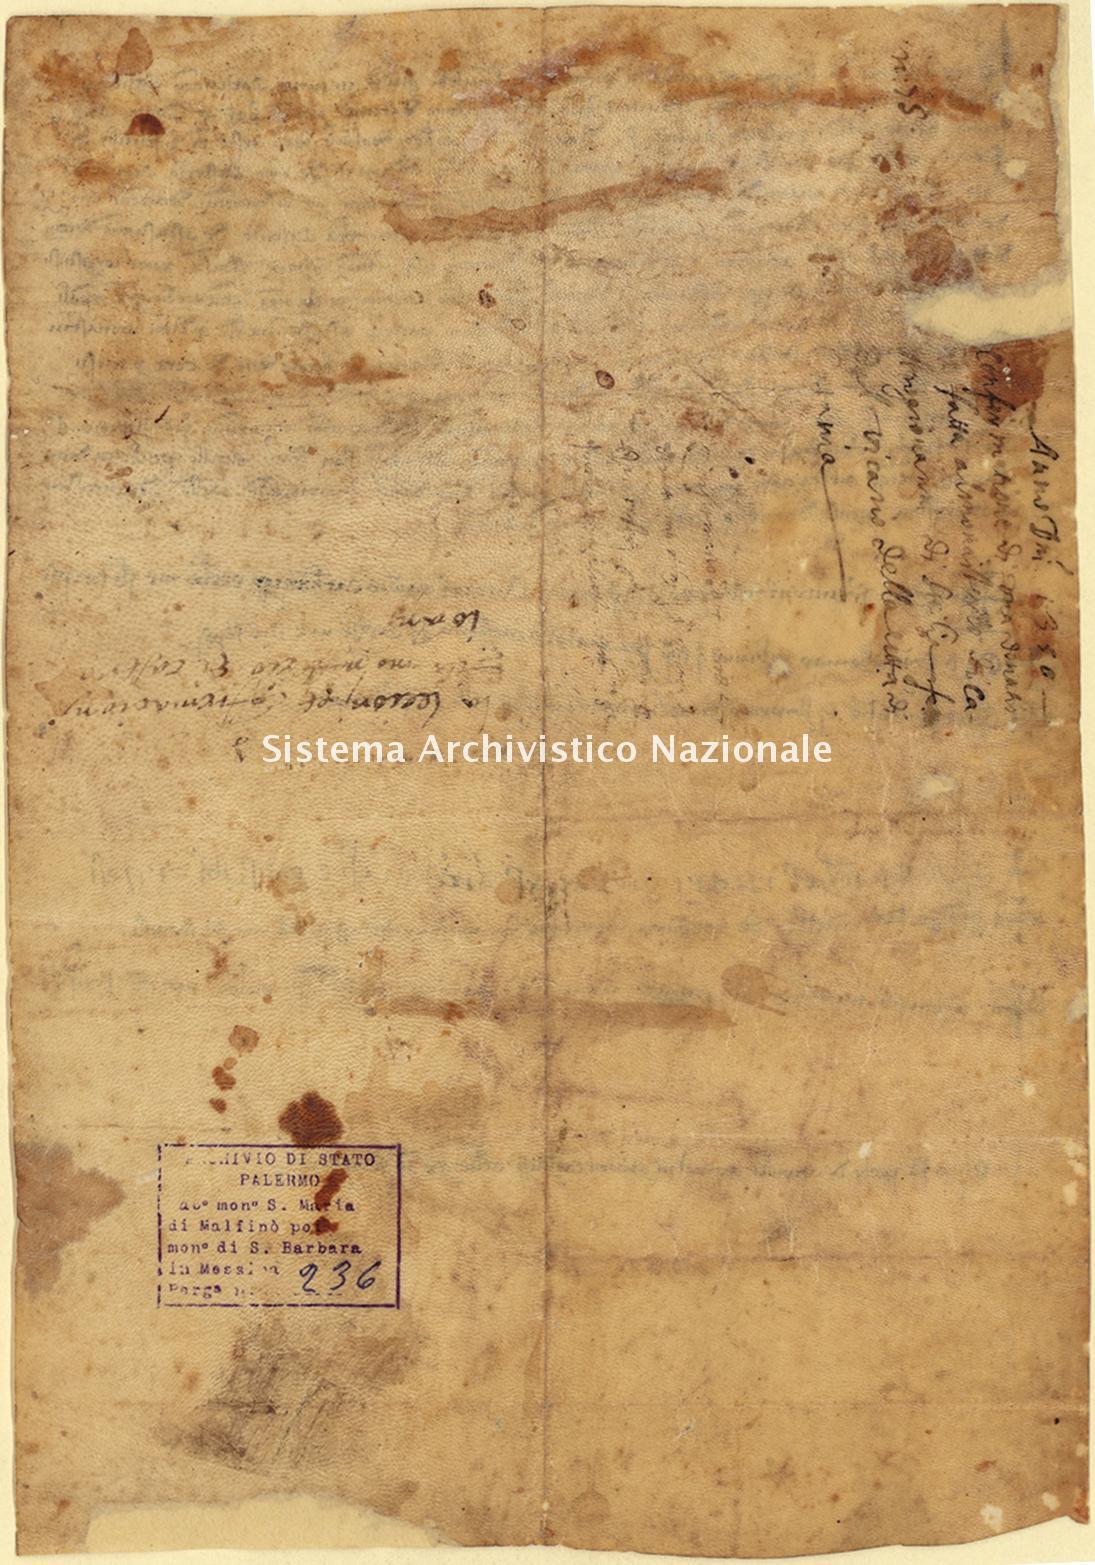 Archivio di Stato di Palermo, Diplomatico, Tabulario del monastero di Santa Maria di Malfinò poi Santa Barbara, Pergamena TSMM 236